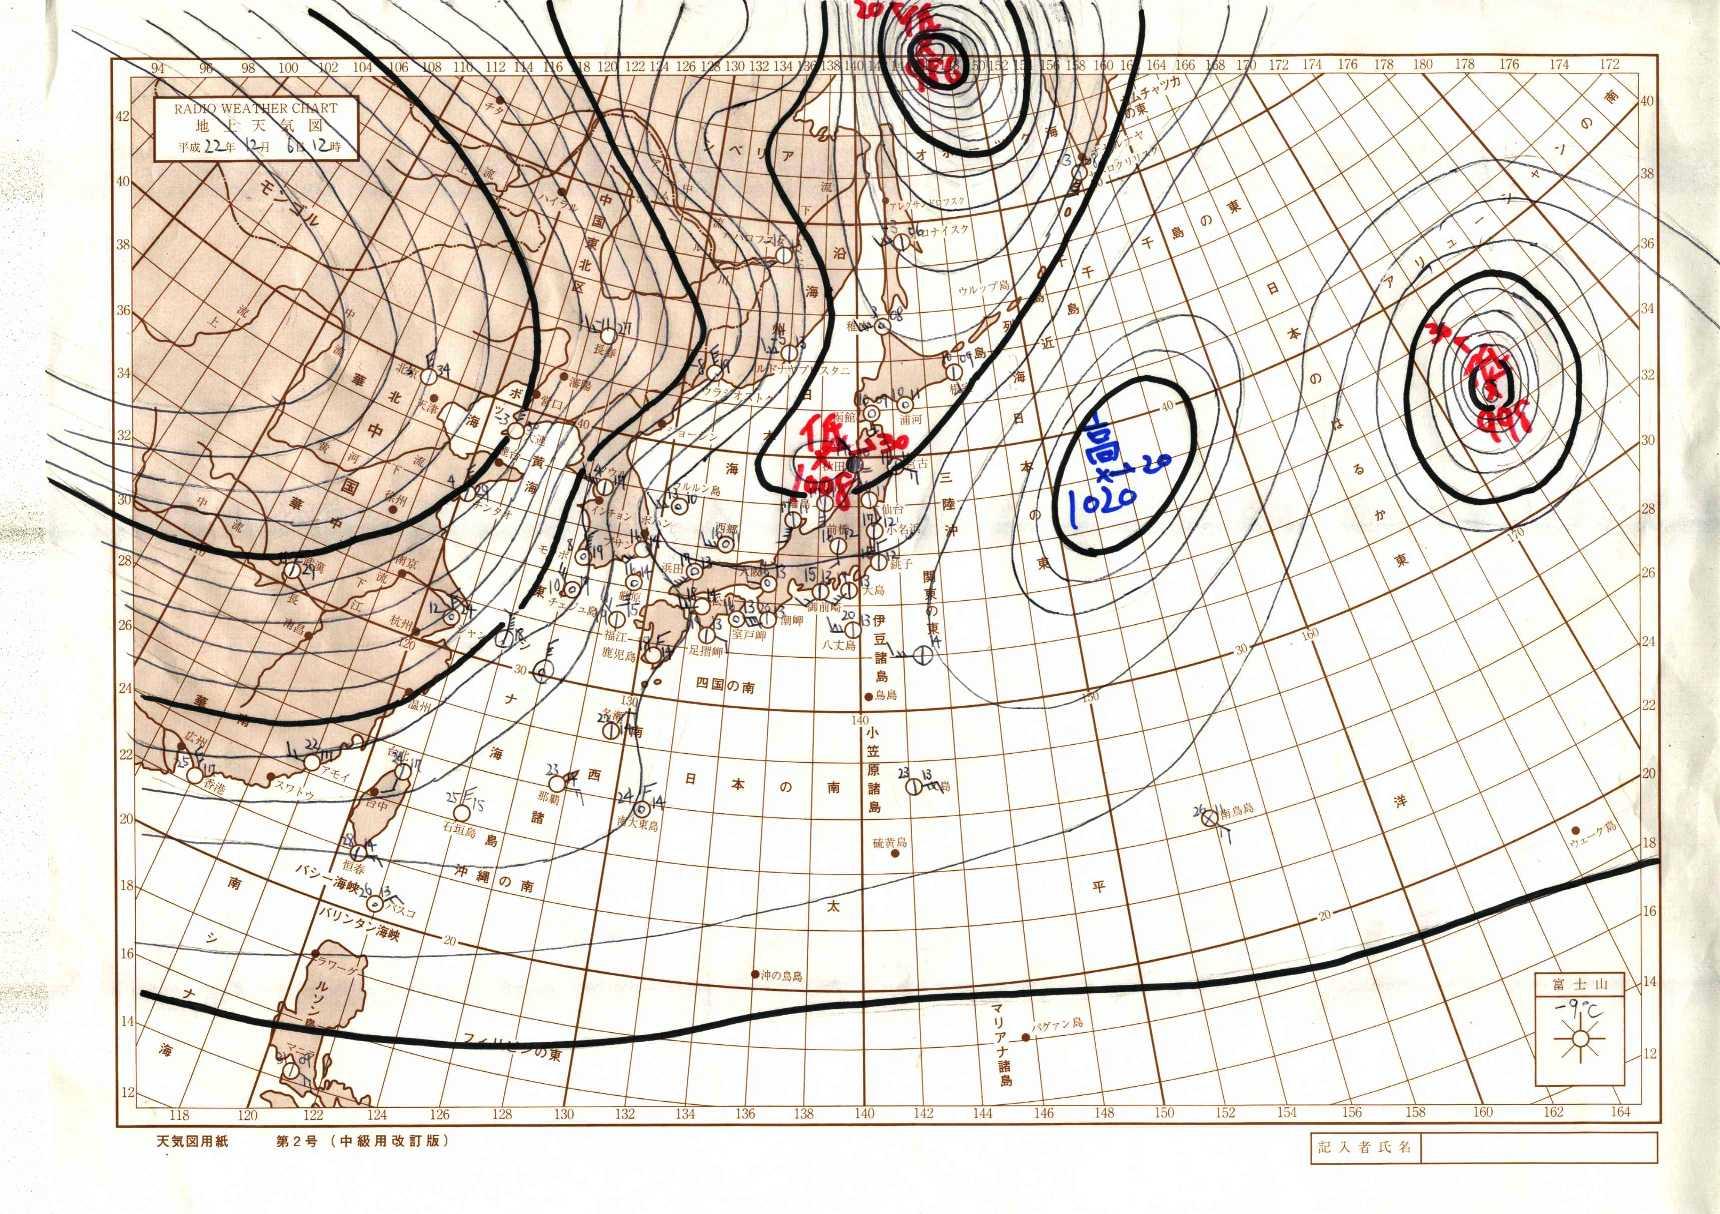 2010年12月6日(月)天気図 - 墨...